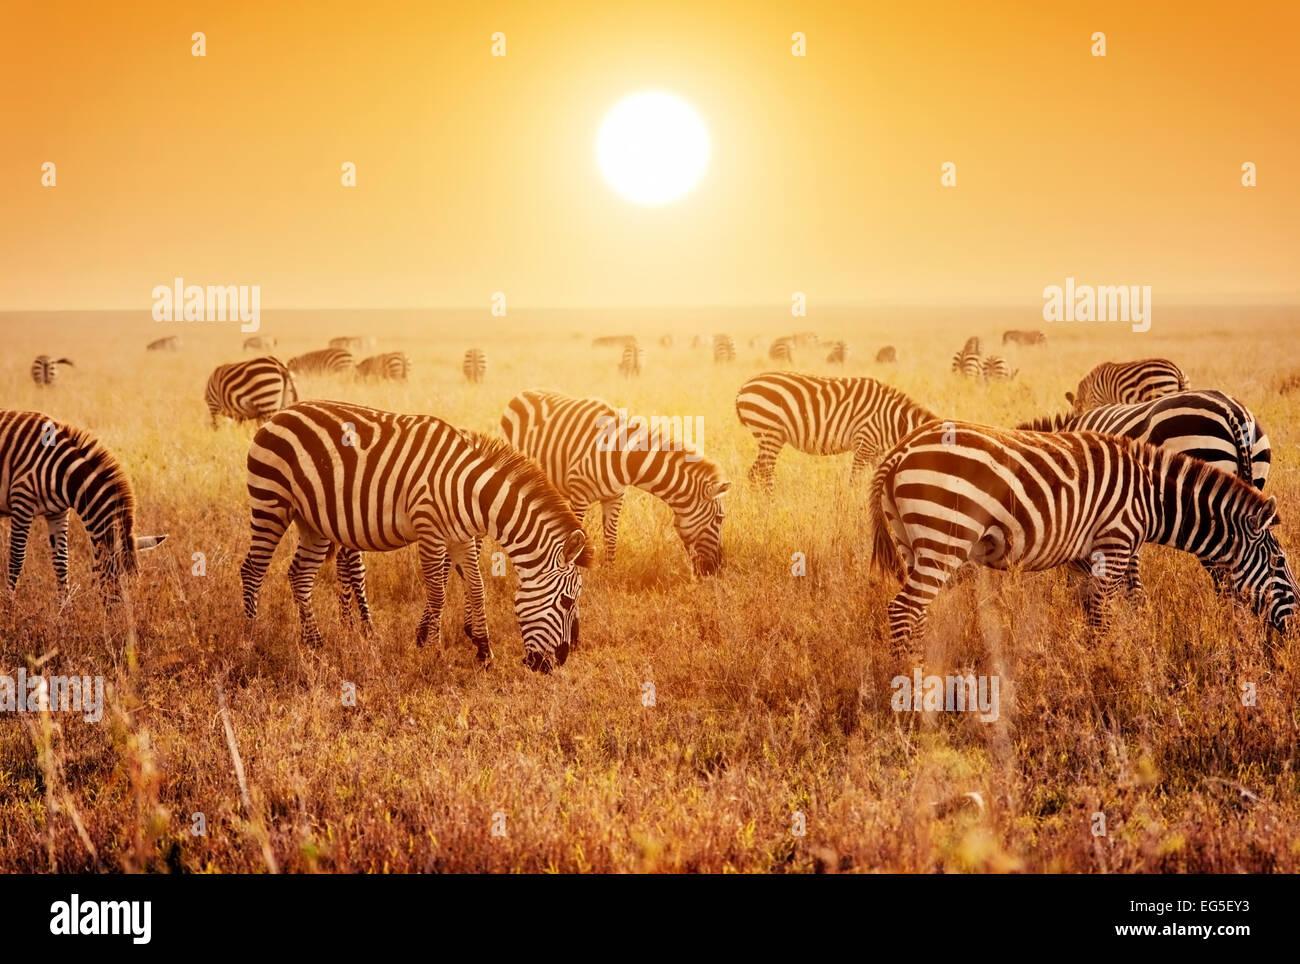 Troupeau de zèbres sur la savane au coucher du soleil, l'Afrique. Safari dans le Serengeti, Tanzanie Photo Stock